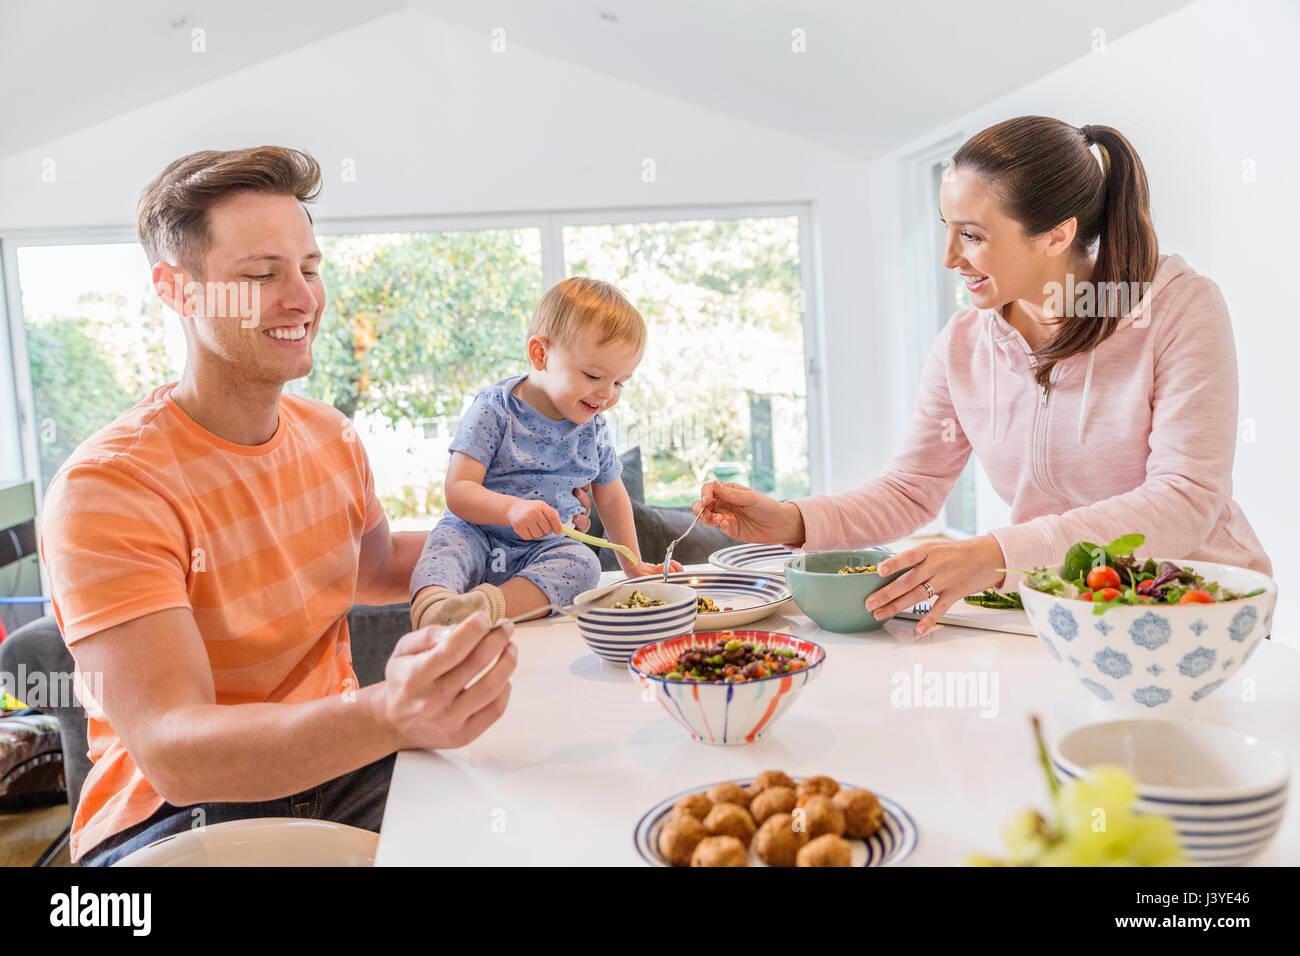 Junge Familie mit Frühstück in der Küche zu Hause Stockbild